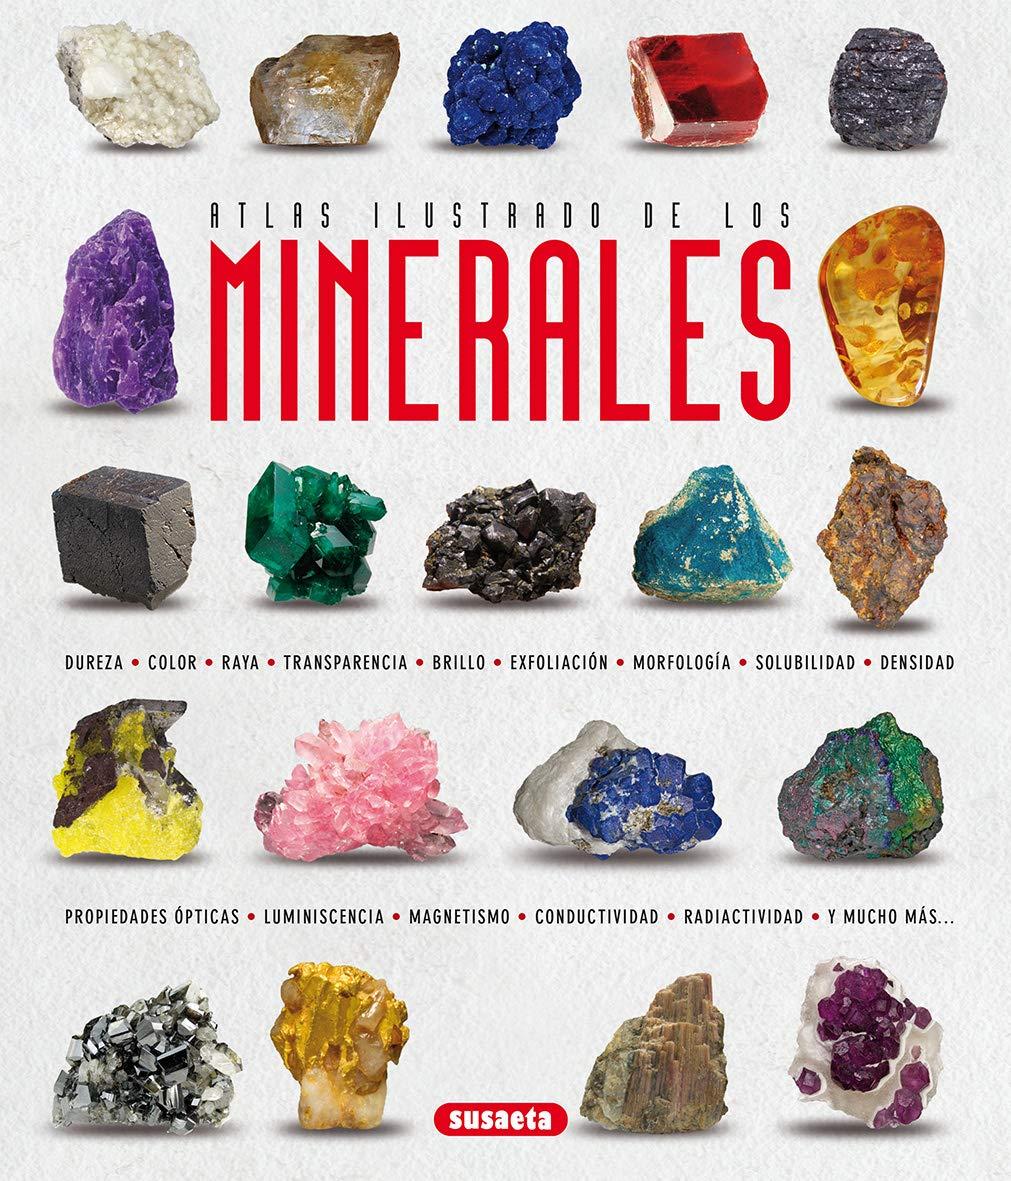 Minerales (Atlas Ilustrado): Amazon.es: Duda, Rudolf, Rejl, Lubos: Libros